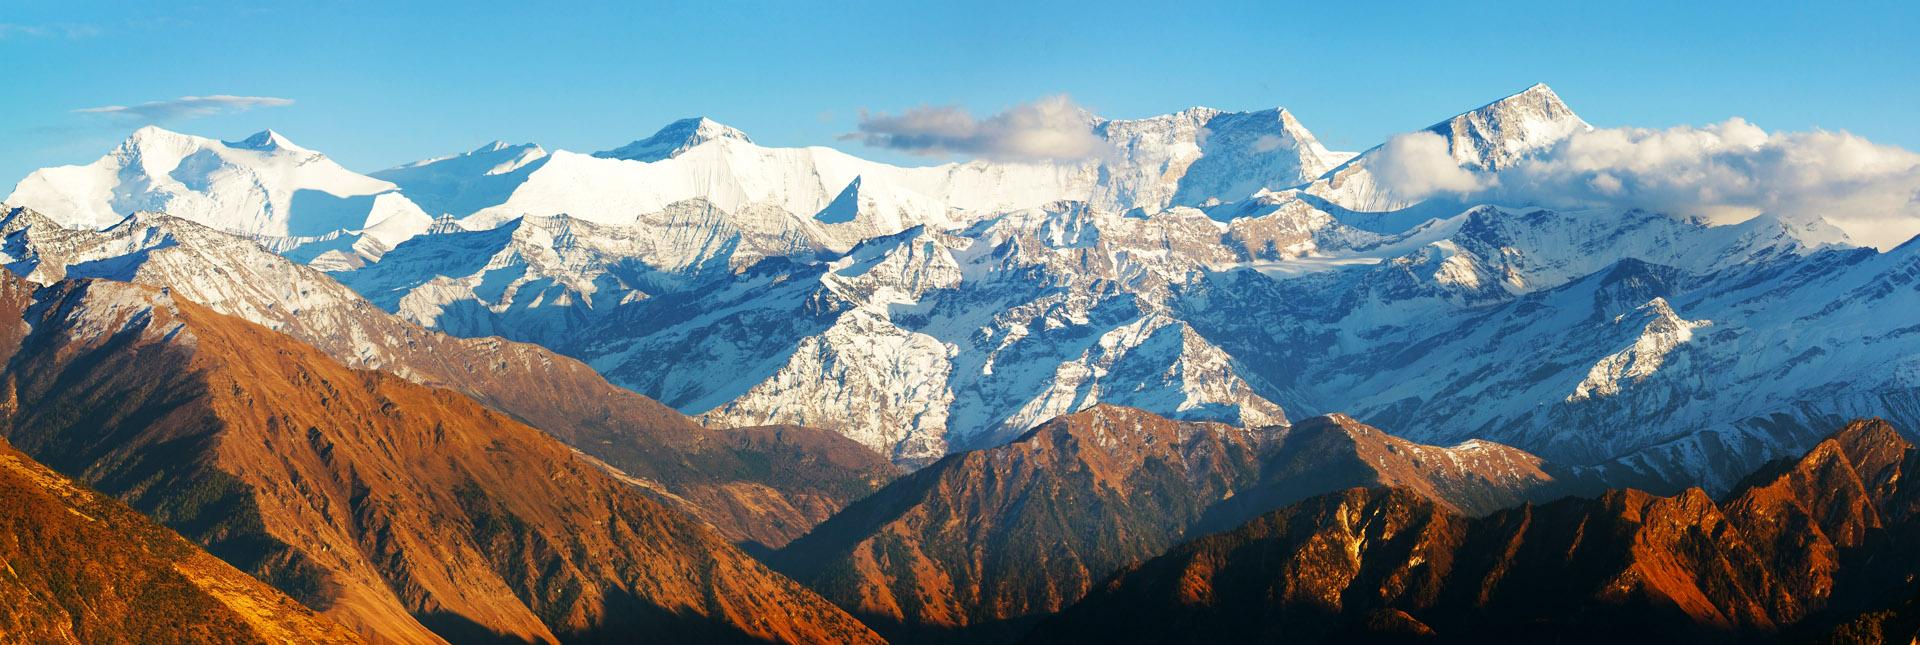 View around the Dhaulagiri trek